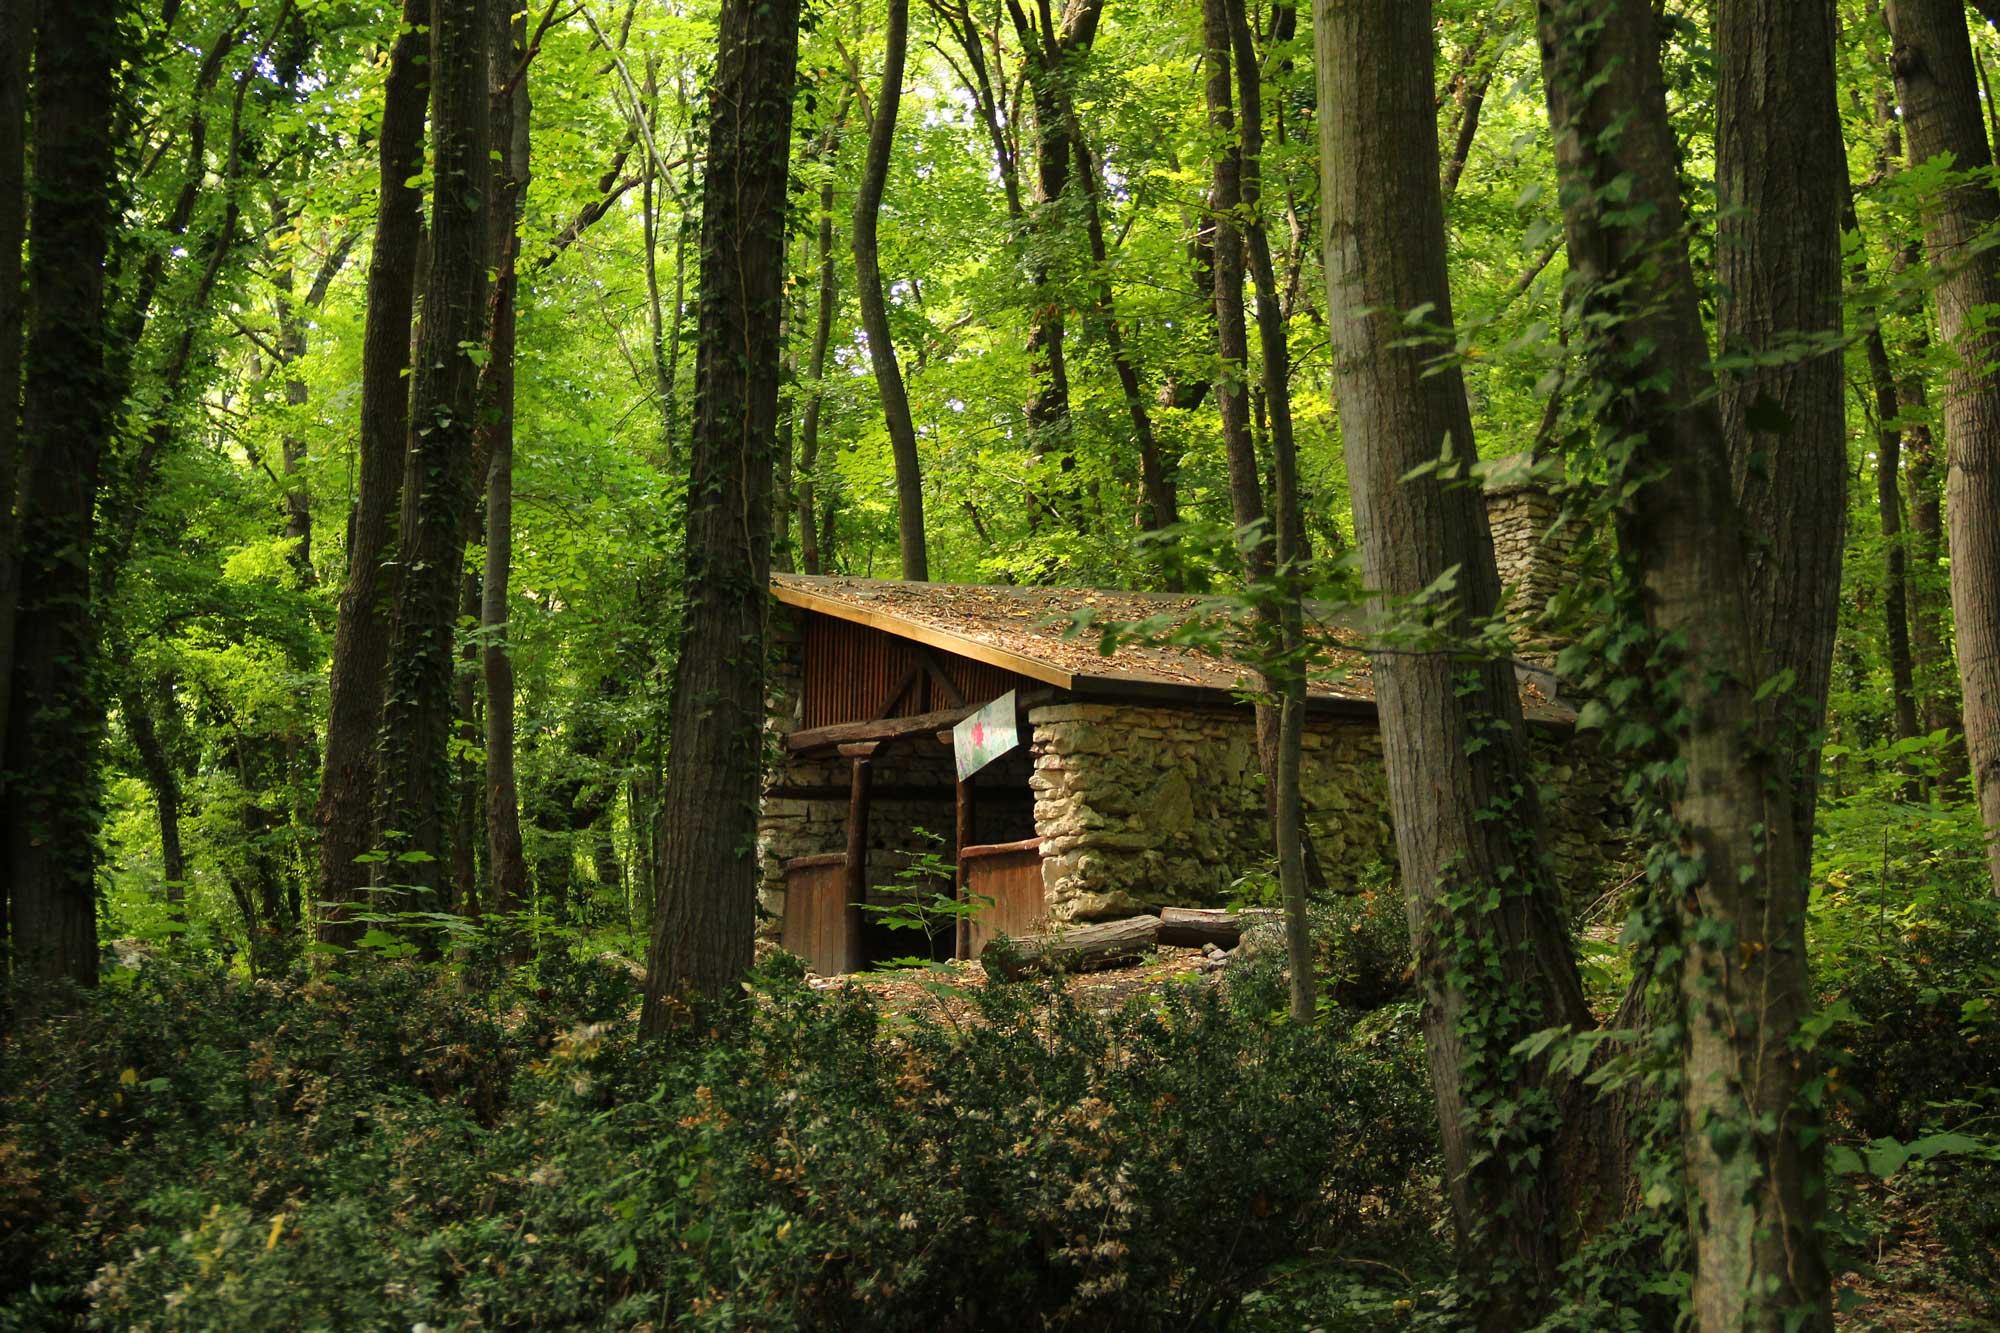 заброшенные строения в лесу